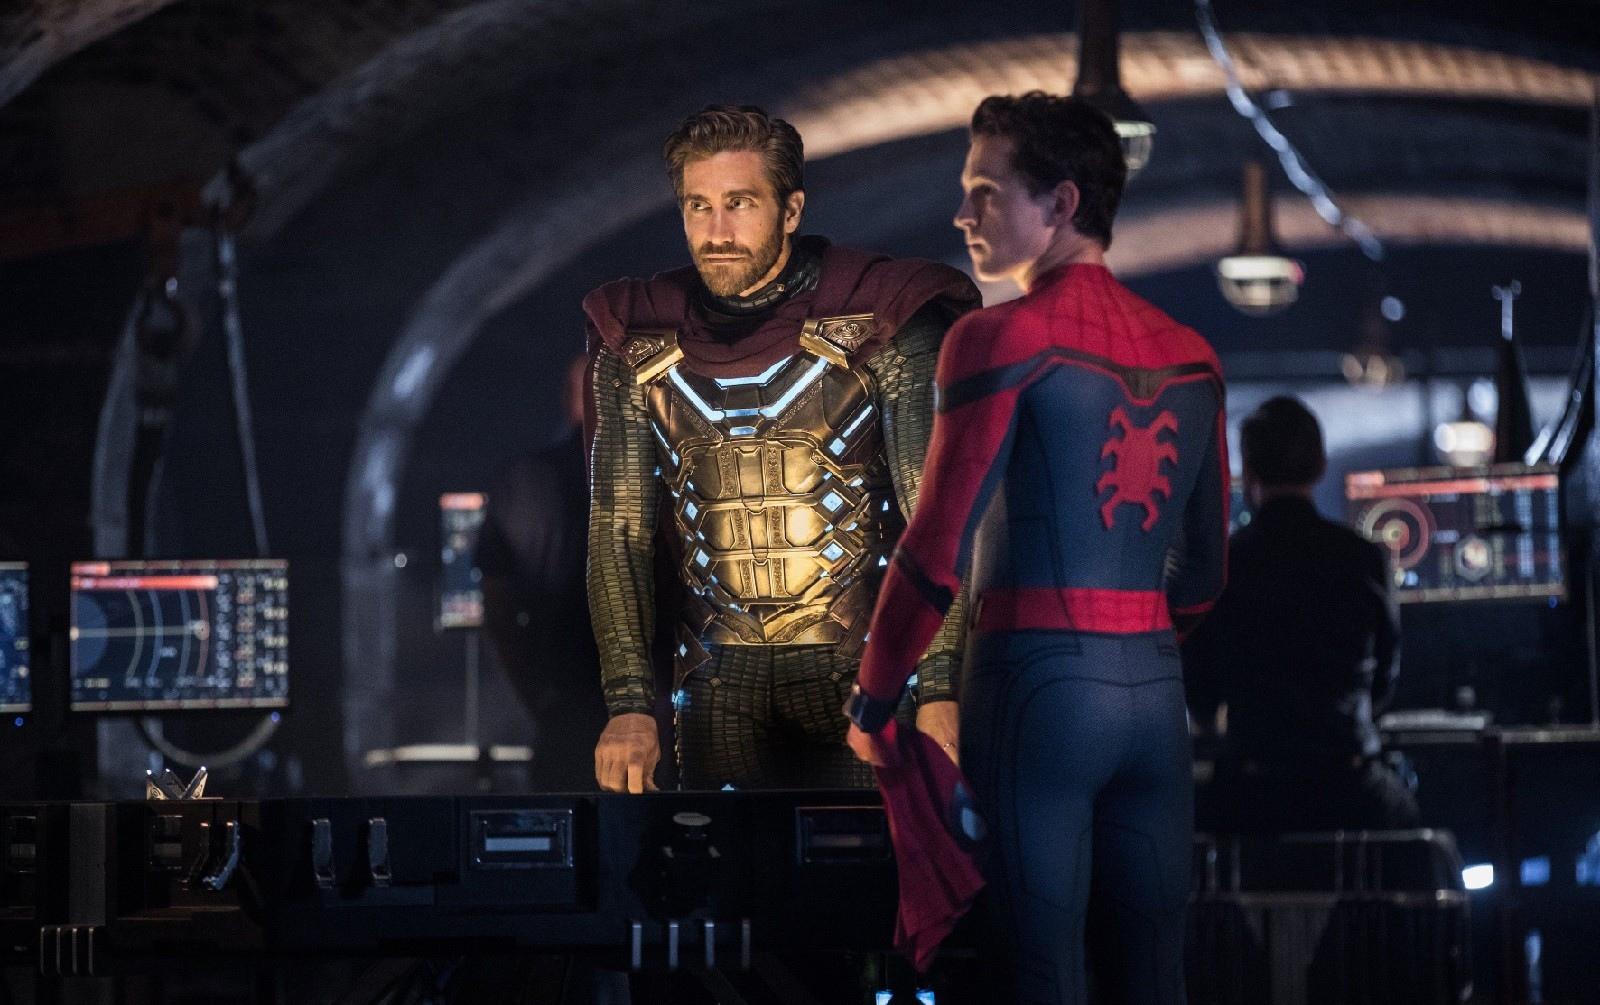 Мистерио знает, что Человек-паук - это Питер Паркер во «Вдали от дома»